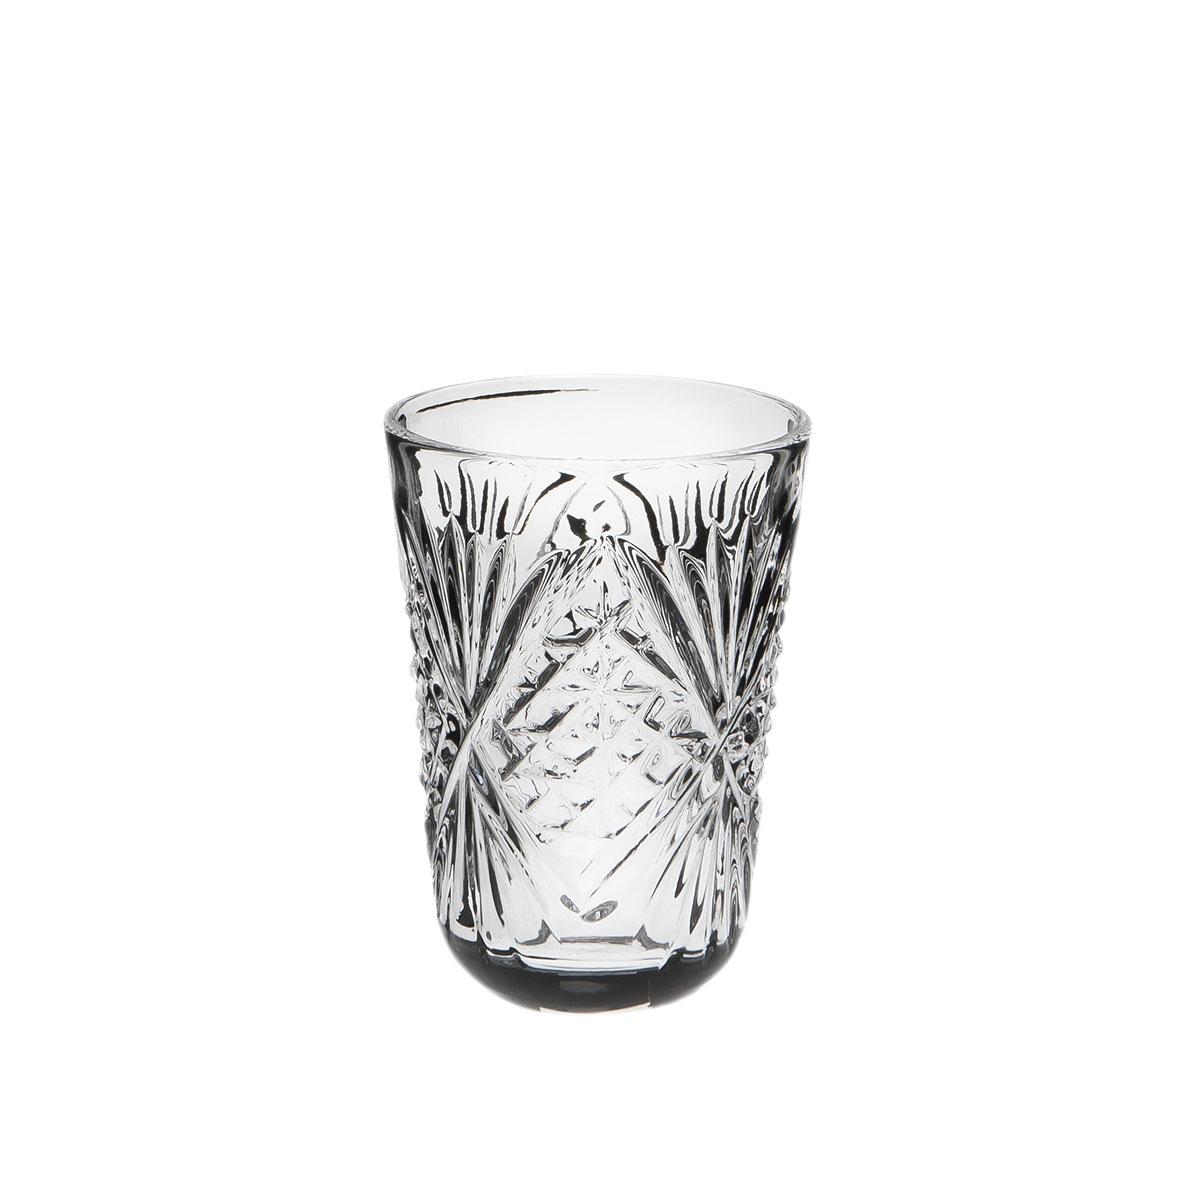 Стакан к графину Дятьковский хрусталь, 50 мл. С332/2VT-1520(SR)Хрустальные стаканы – красивое и простое решение для украшения праздничного стола. Стаканы из хрусталя универсальны, они подойдут и для алкогольных напитков – вина, шампанского, и для освежающих – минеральной воды, компота или сока. Если в вашей домашней коллекции еще нет предметов хрустальной посуды, купить хрустальные стаканы стоит обязательно.